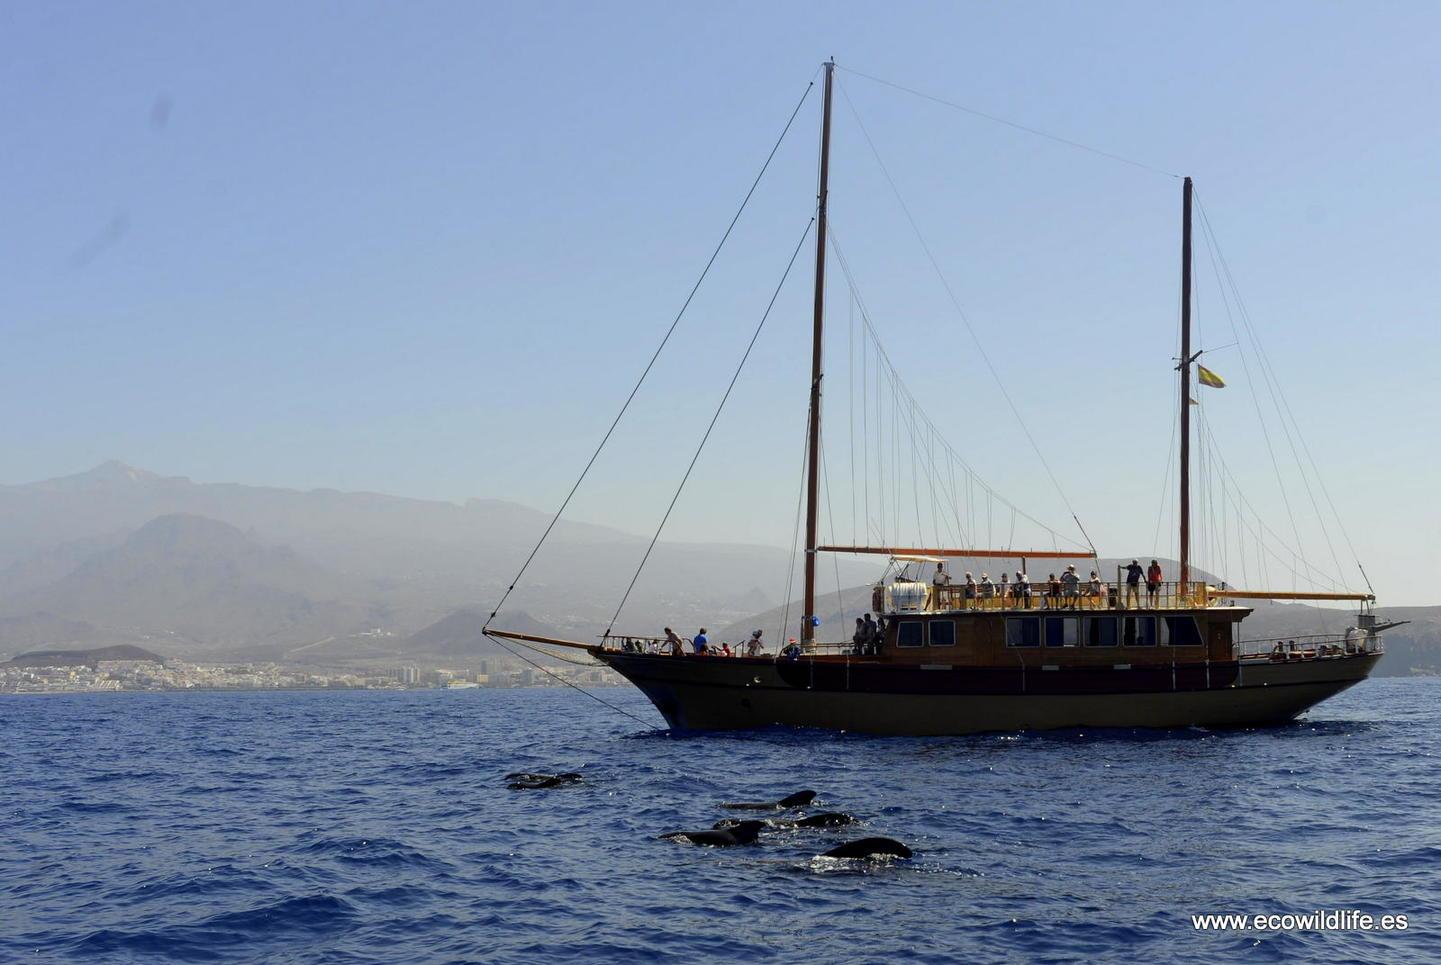 Islas Canarias: Escapada a la biodiversidad